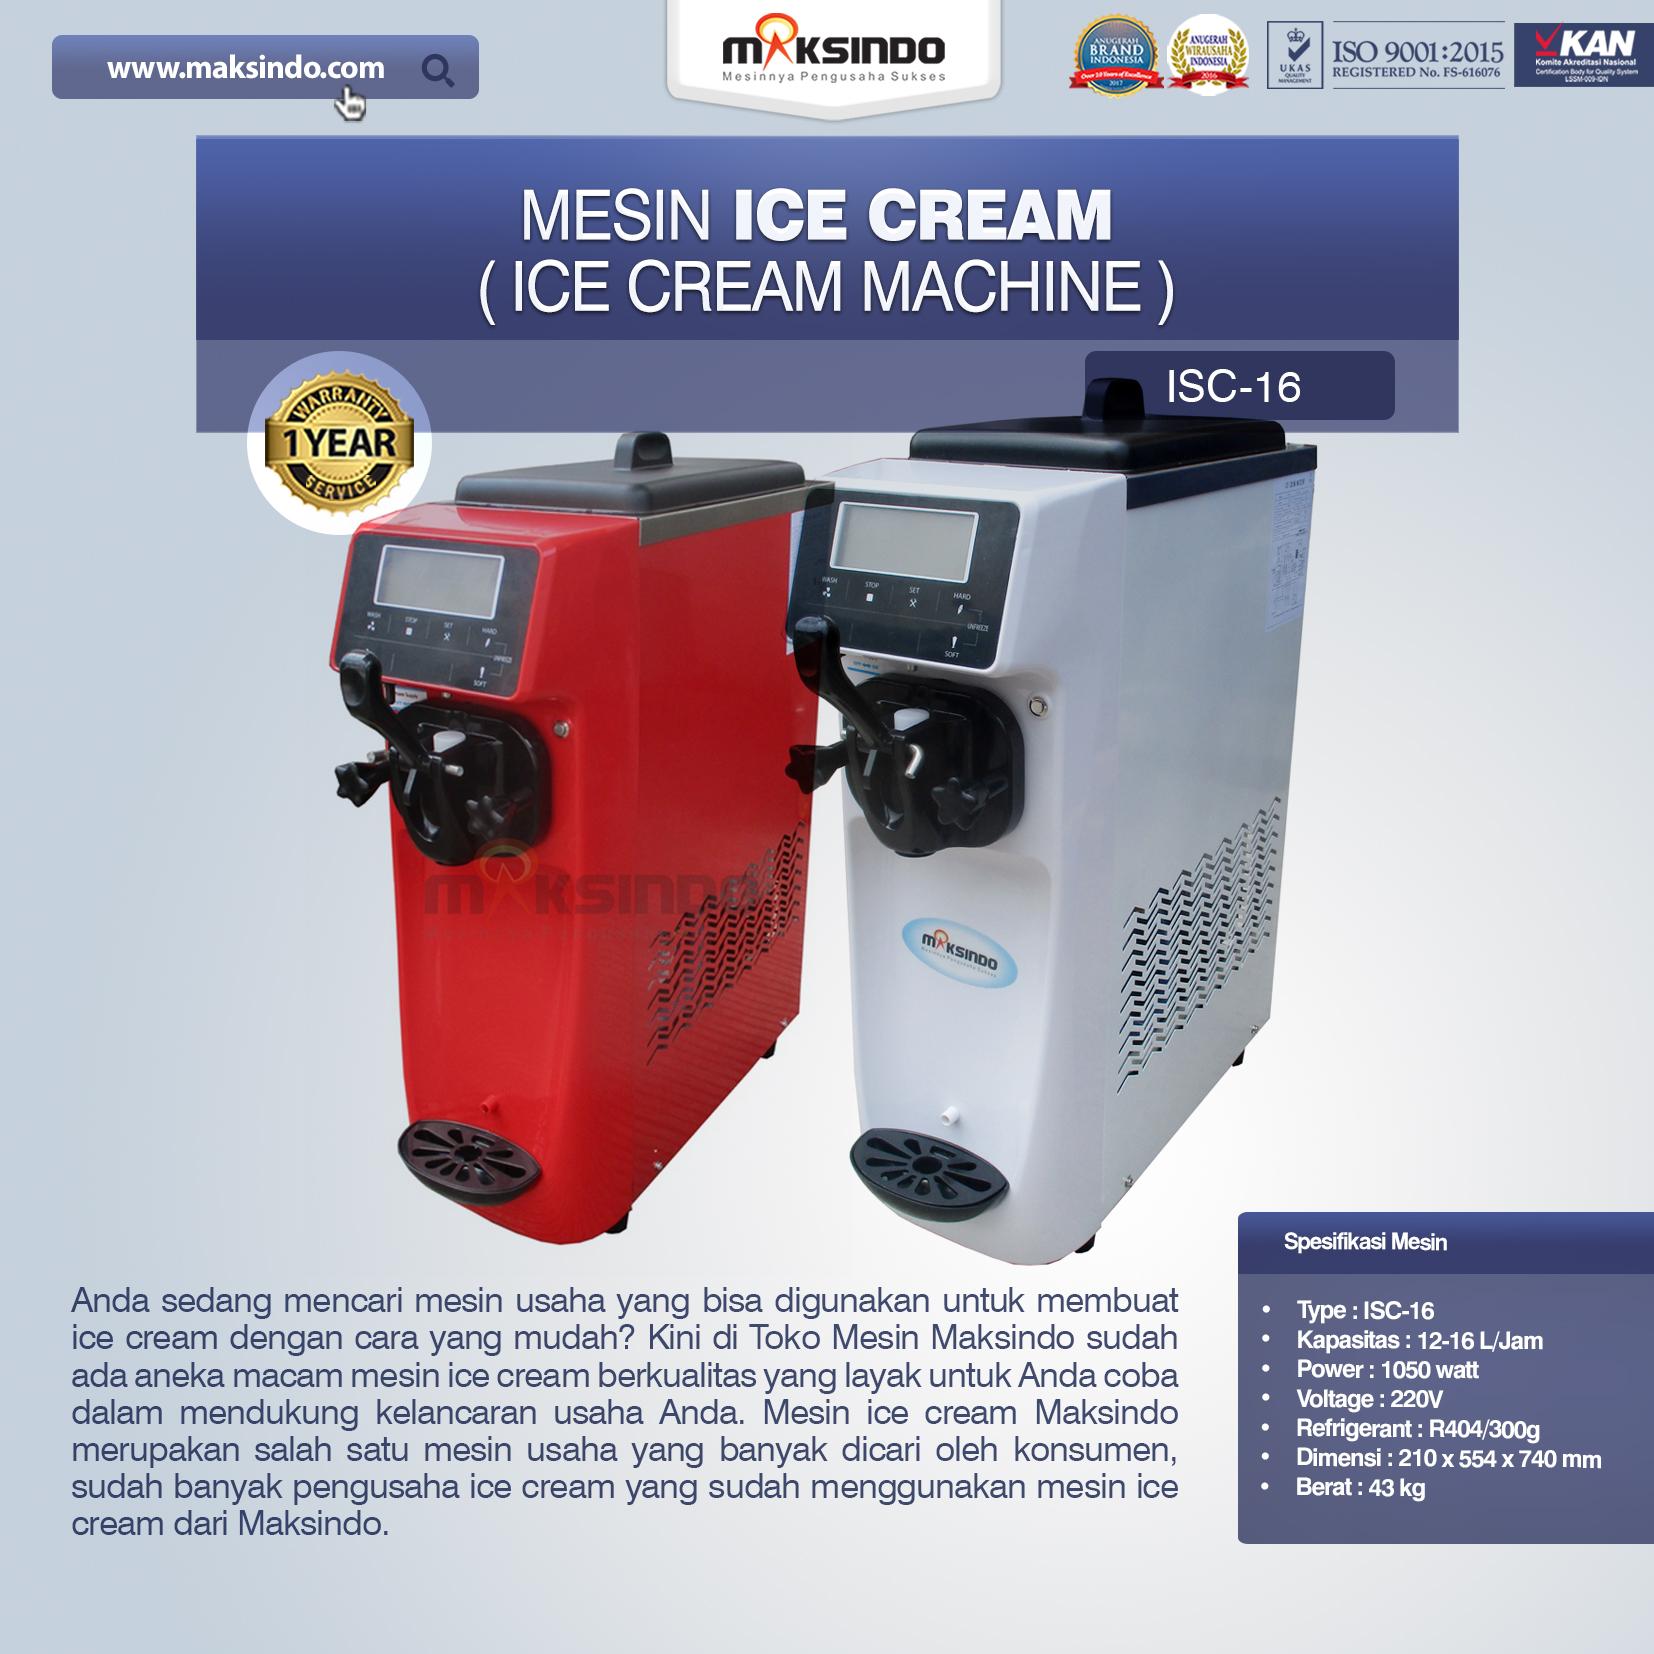 Jual Mesin Es Krim (Ice Cream Machine) ISC-16 di Malang